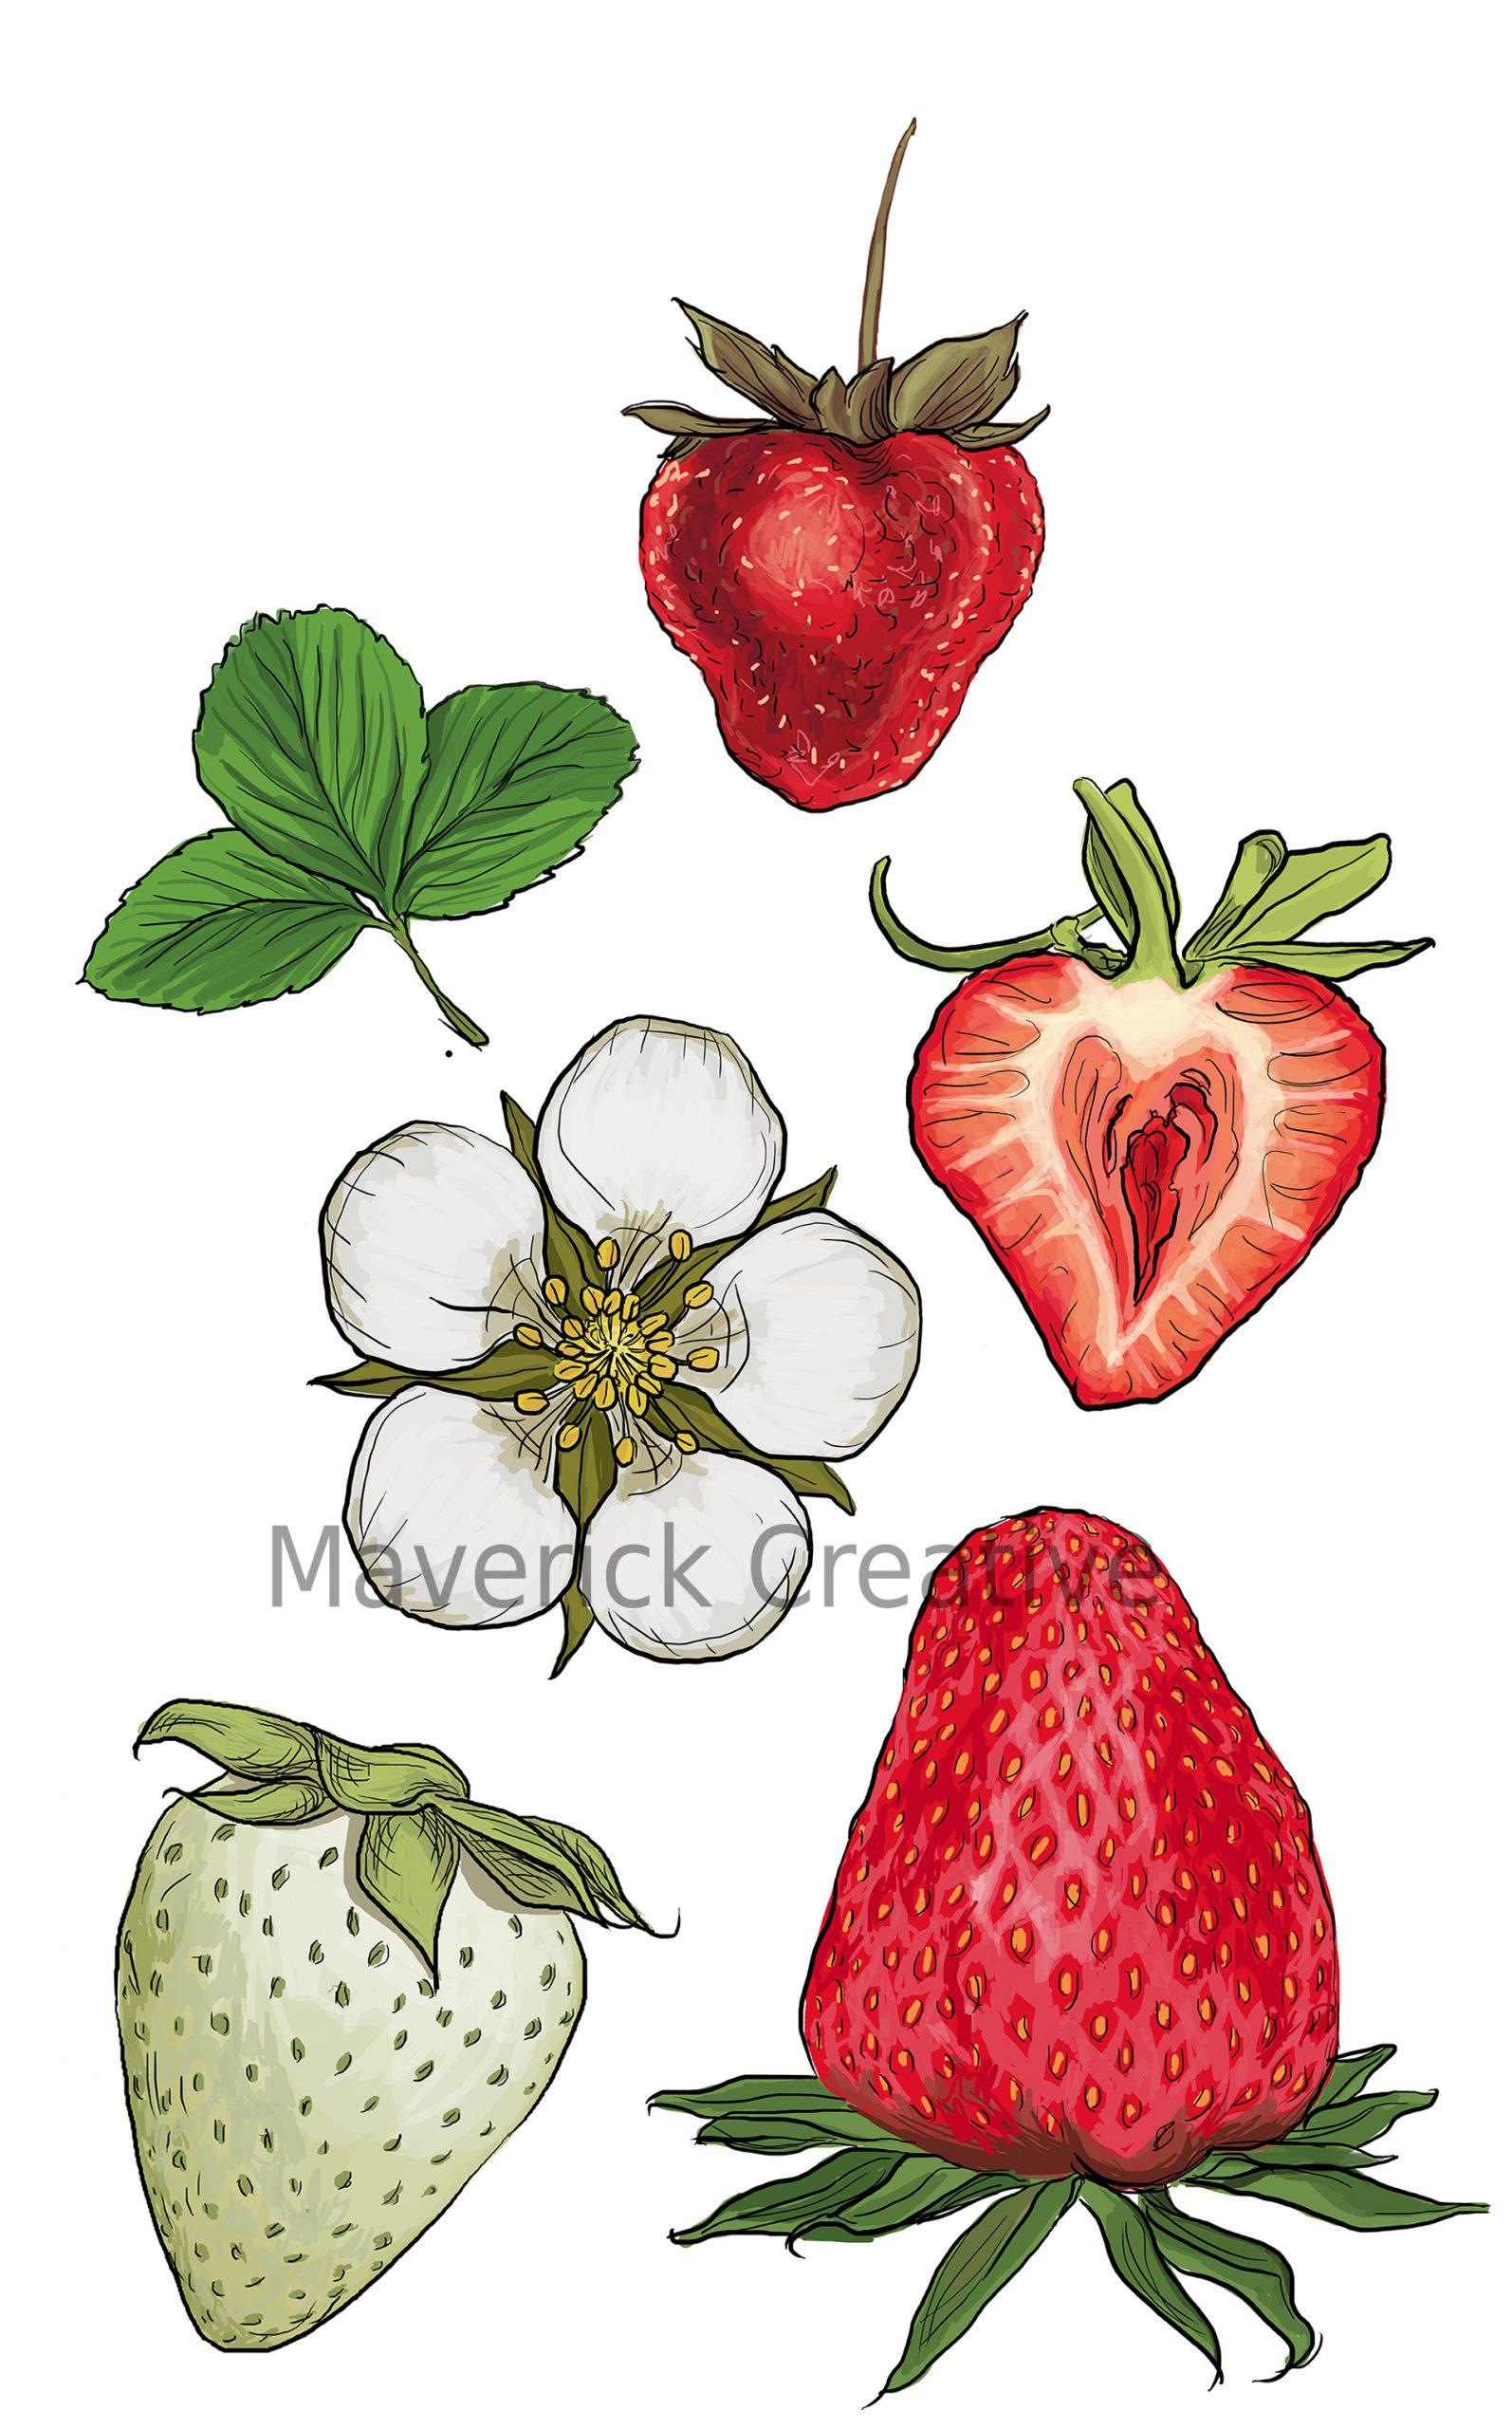 strawberries_72dpiwatermark